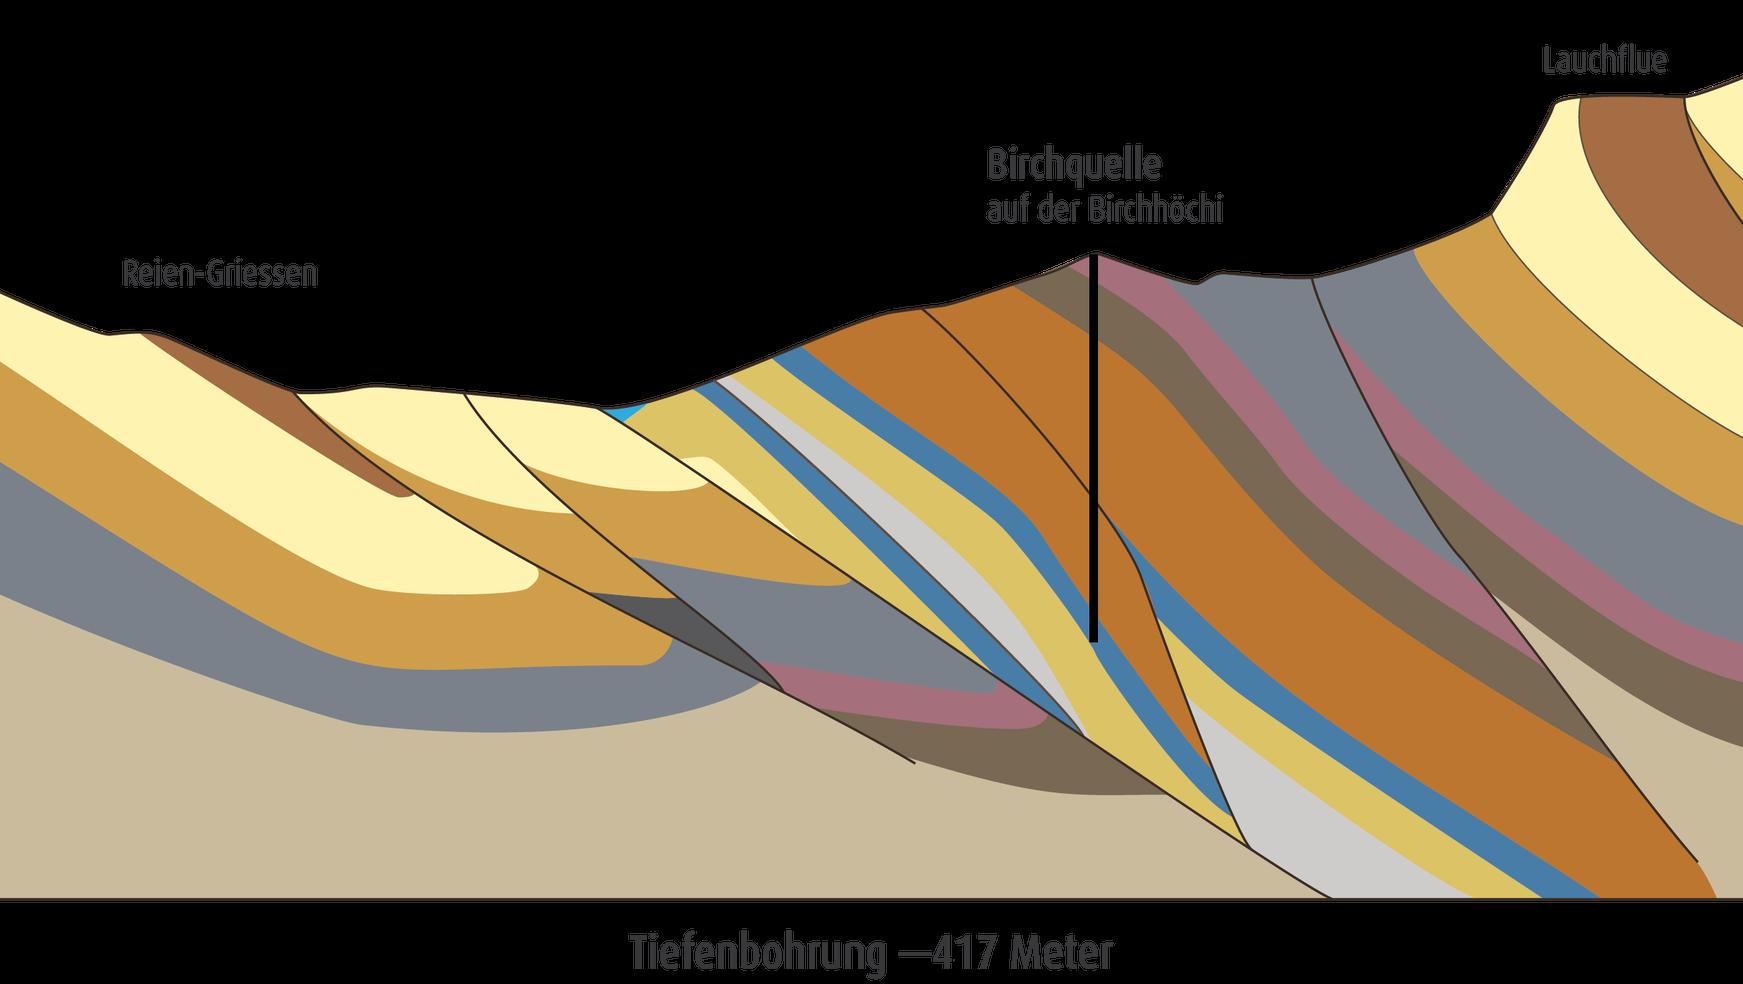 """Eine der tiefsten Quellen Europas - Mineralwasser unterliegt strengen rechtlichen Bestimmungen, welche in der Schweiz in der """"Verordnung des EDI über Trink-, Quell- und Mineralwasser"""" festgelegt sind. Natürliches Mineralwasser muss besondere Eigenschaften erfüllen:Es entstammt aus einer oder mehreren Quellen aus unterirdischen Wasservorkommnissen und muss besonders sorgfältig gewonnen werden.Natürliches Mineralwasser muss sich auszeichnen durch besondere geologische Herkunft, Art und Menge der mineralischen Bestandteile, ursprüngliche Reinheit sowie durch die im Rahmen natürlicher Schwankungen gleichbleibende Zusammensetzung und Temperatur.Natürliches Mineralwasser darf keiner Behandlung unterworfen sein und mit keinem Zusatz versehen werden (lediglich Kohlensäure darf hinzugefügt werden)."""